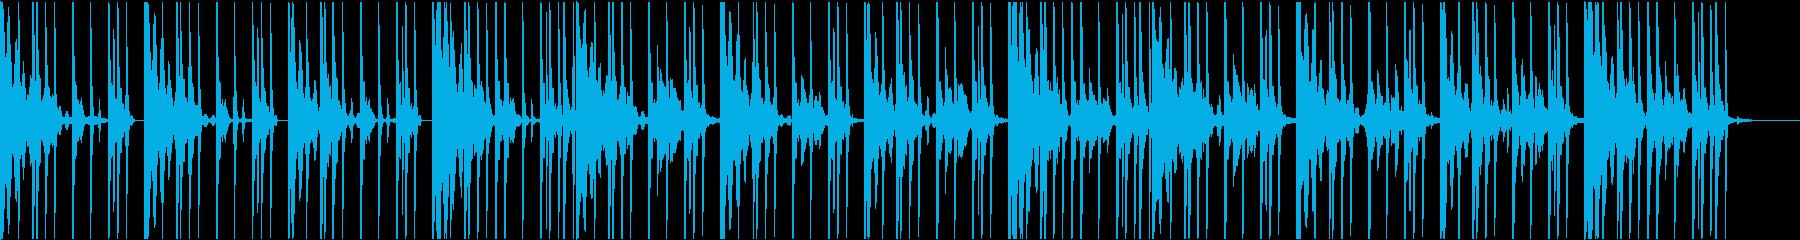 スプラトゥーンバトル前BGMのオマージュの再生済みの波形